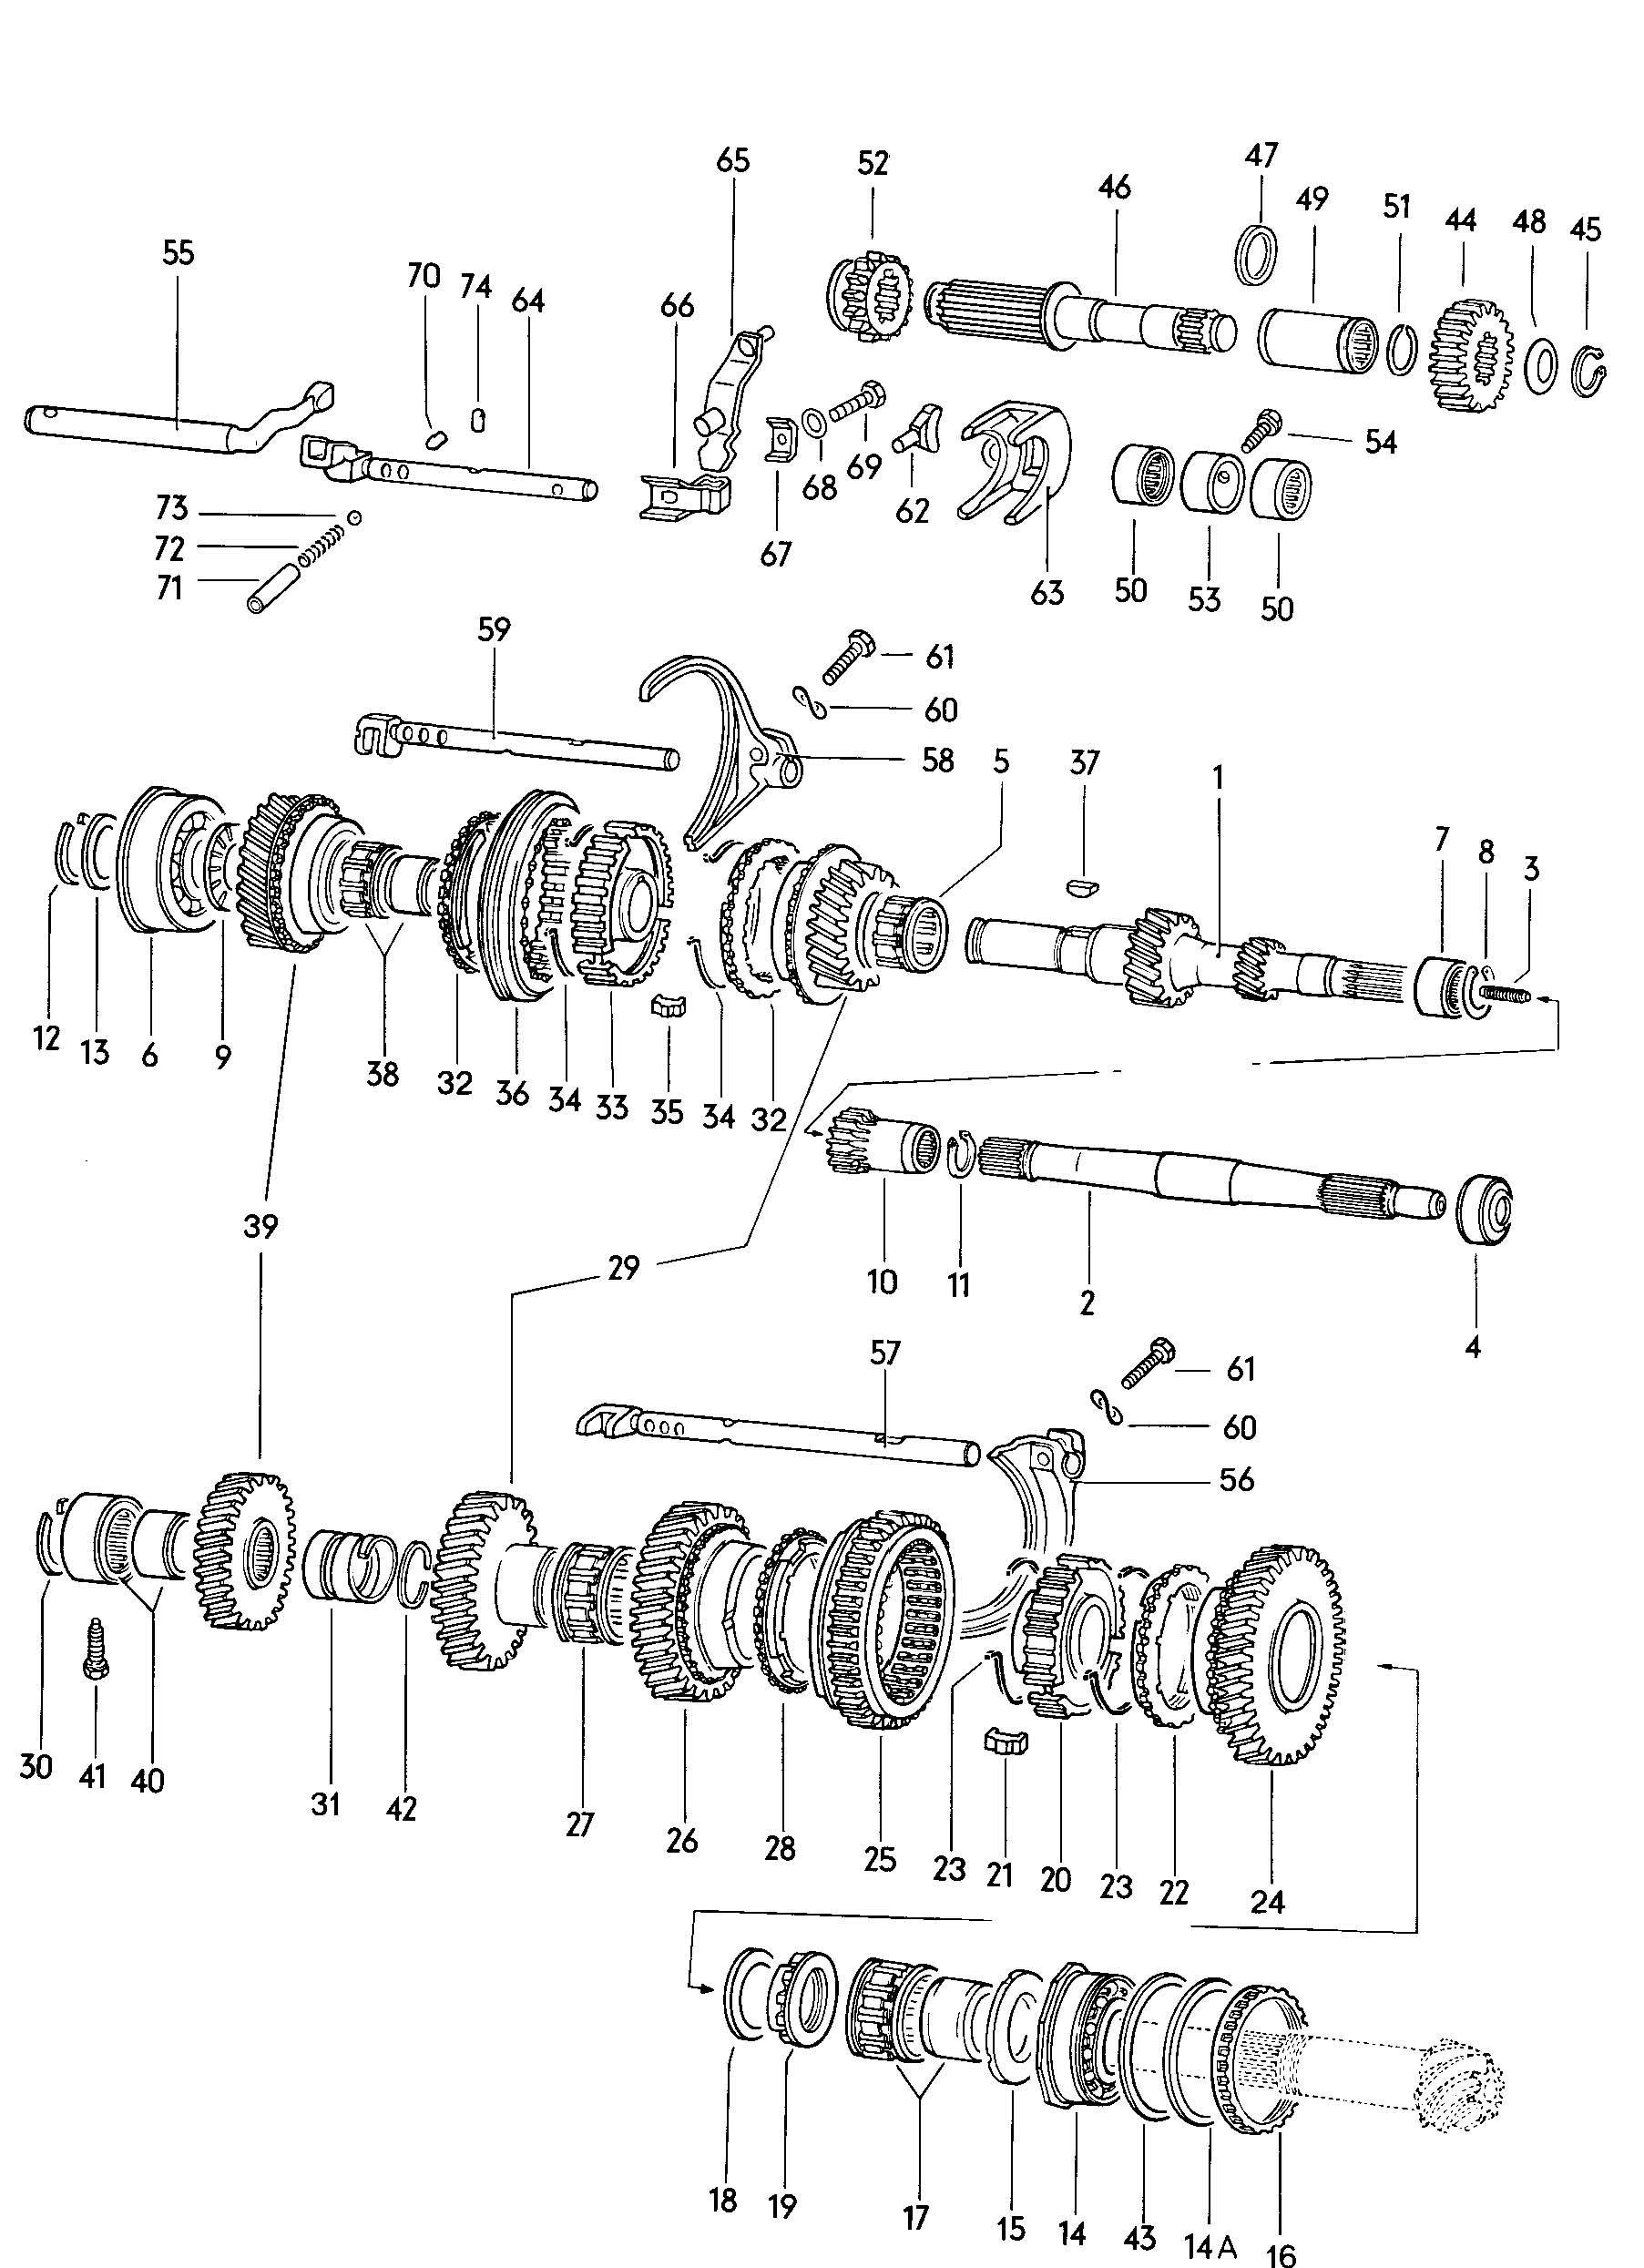 [DIAGRAM] 99 F350 Manual Transmission Diagram